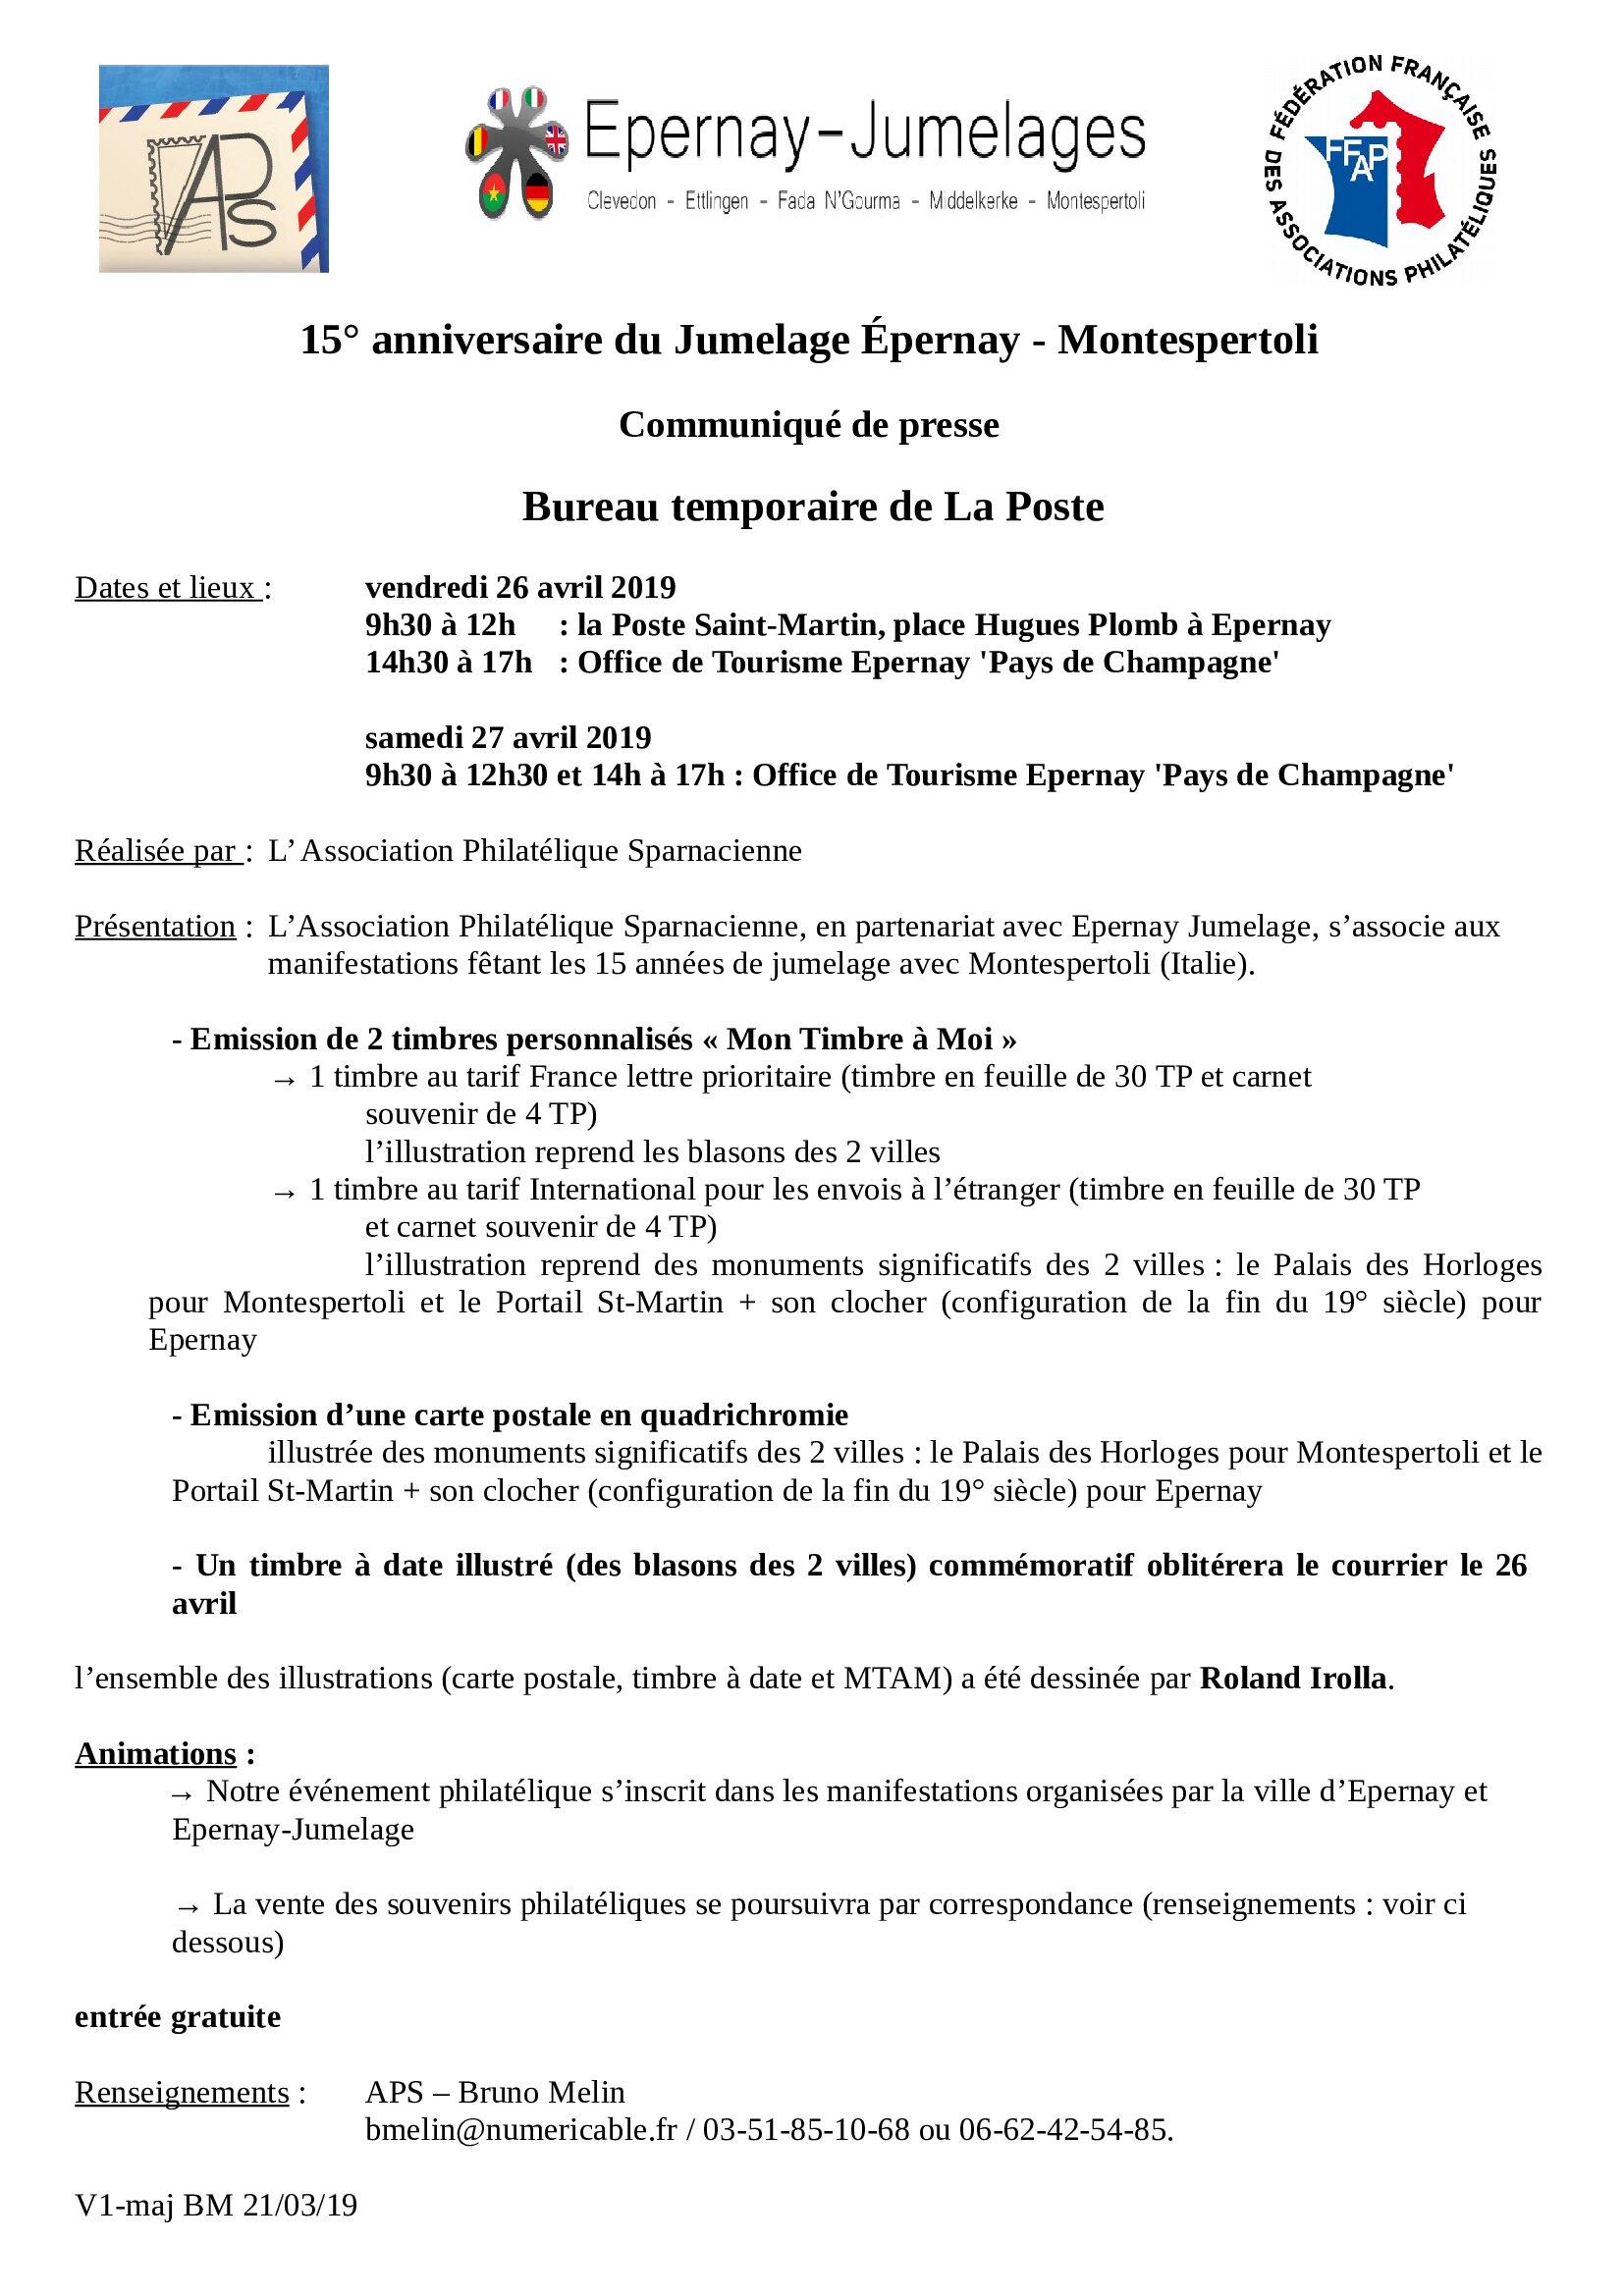 Communique-de-presse---Bureau-temporaire-de-La-Poste---26---27-avril-201